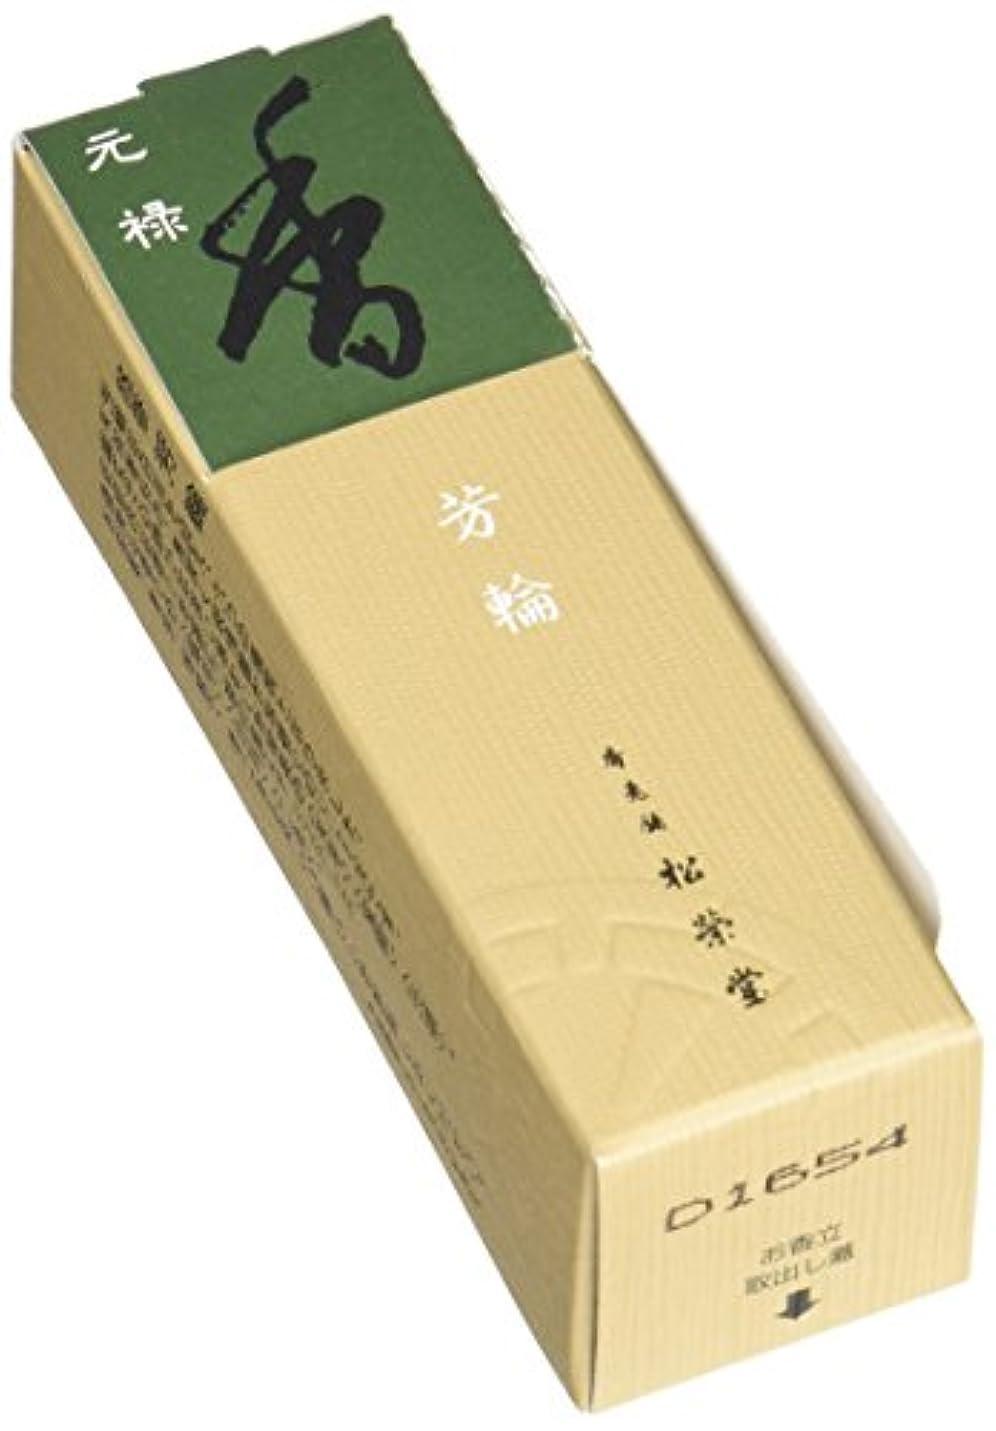 勢い隔離外国人松栄堂のお香 芳輪元禄 ST20本入 簡易香立付 #210323